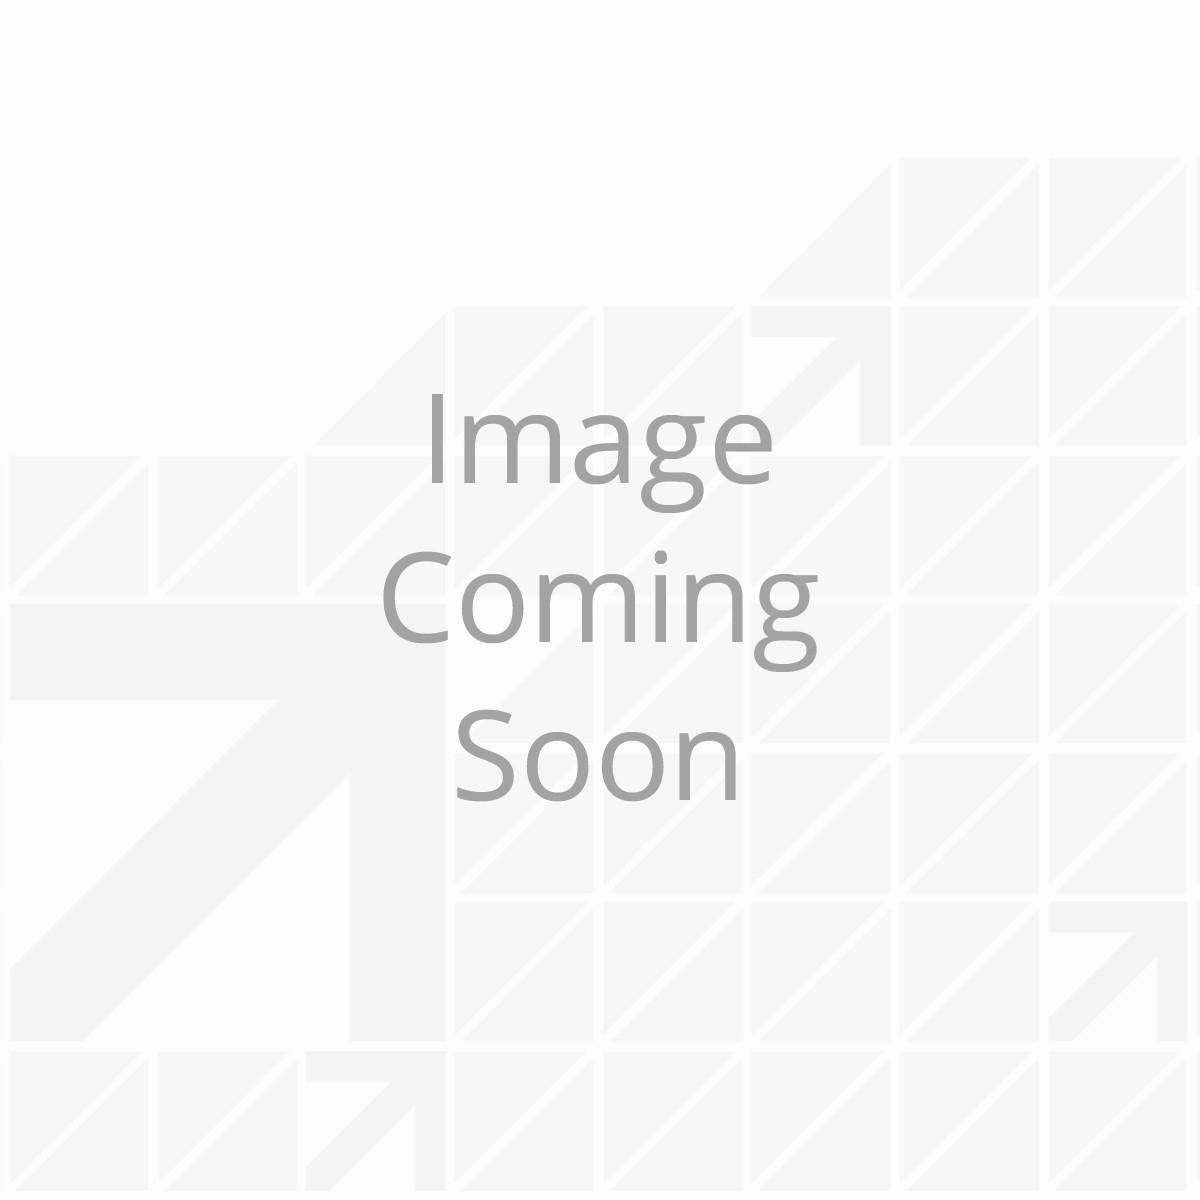 panel-stationary-door-recessed-towable-24